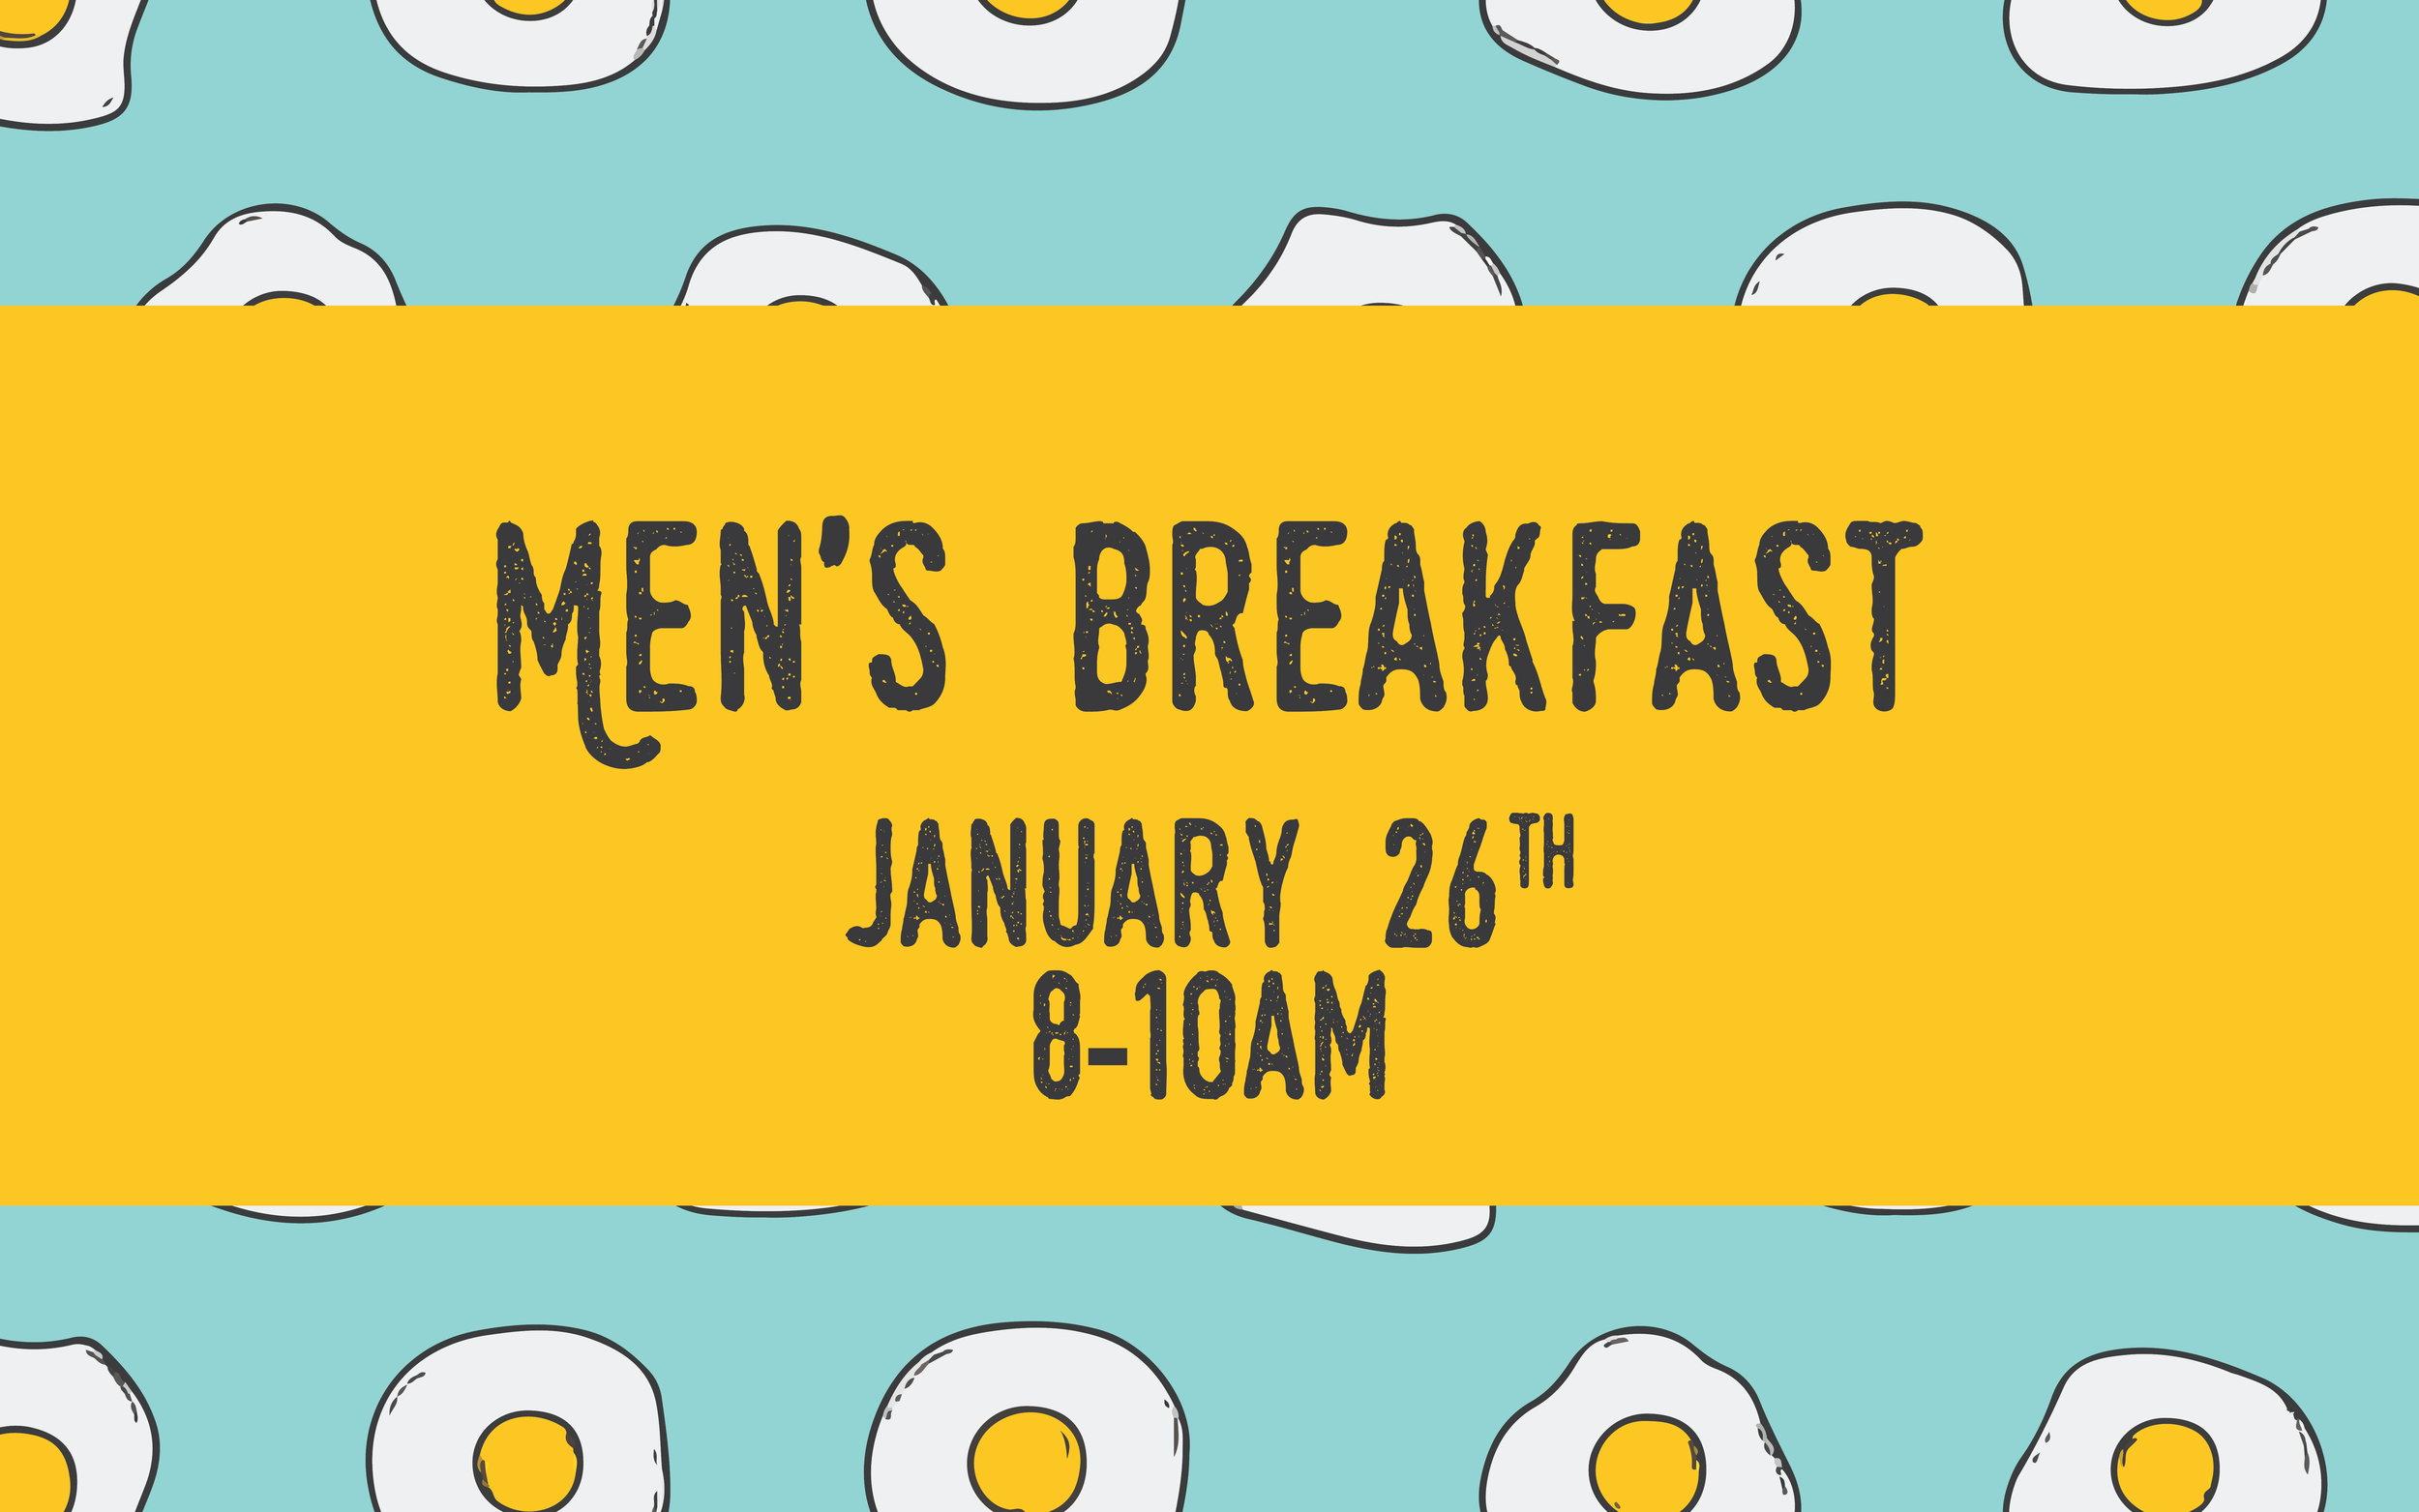 Men's Breakfast 2019